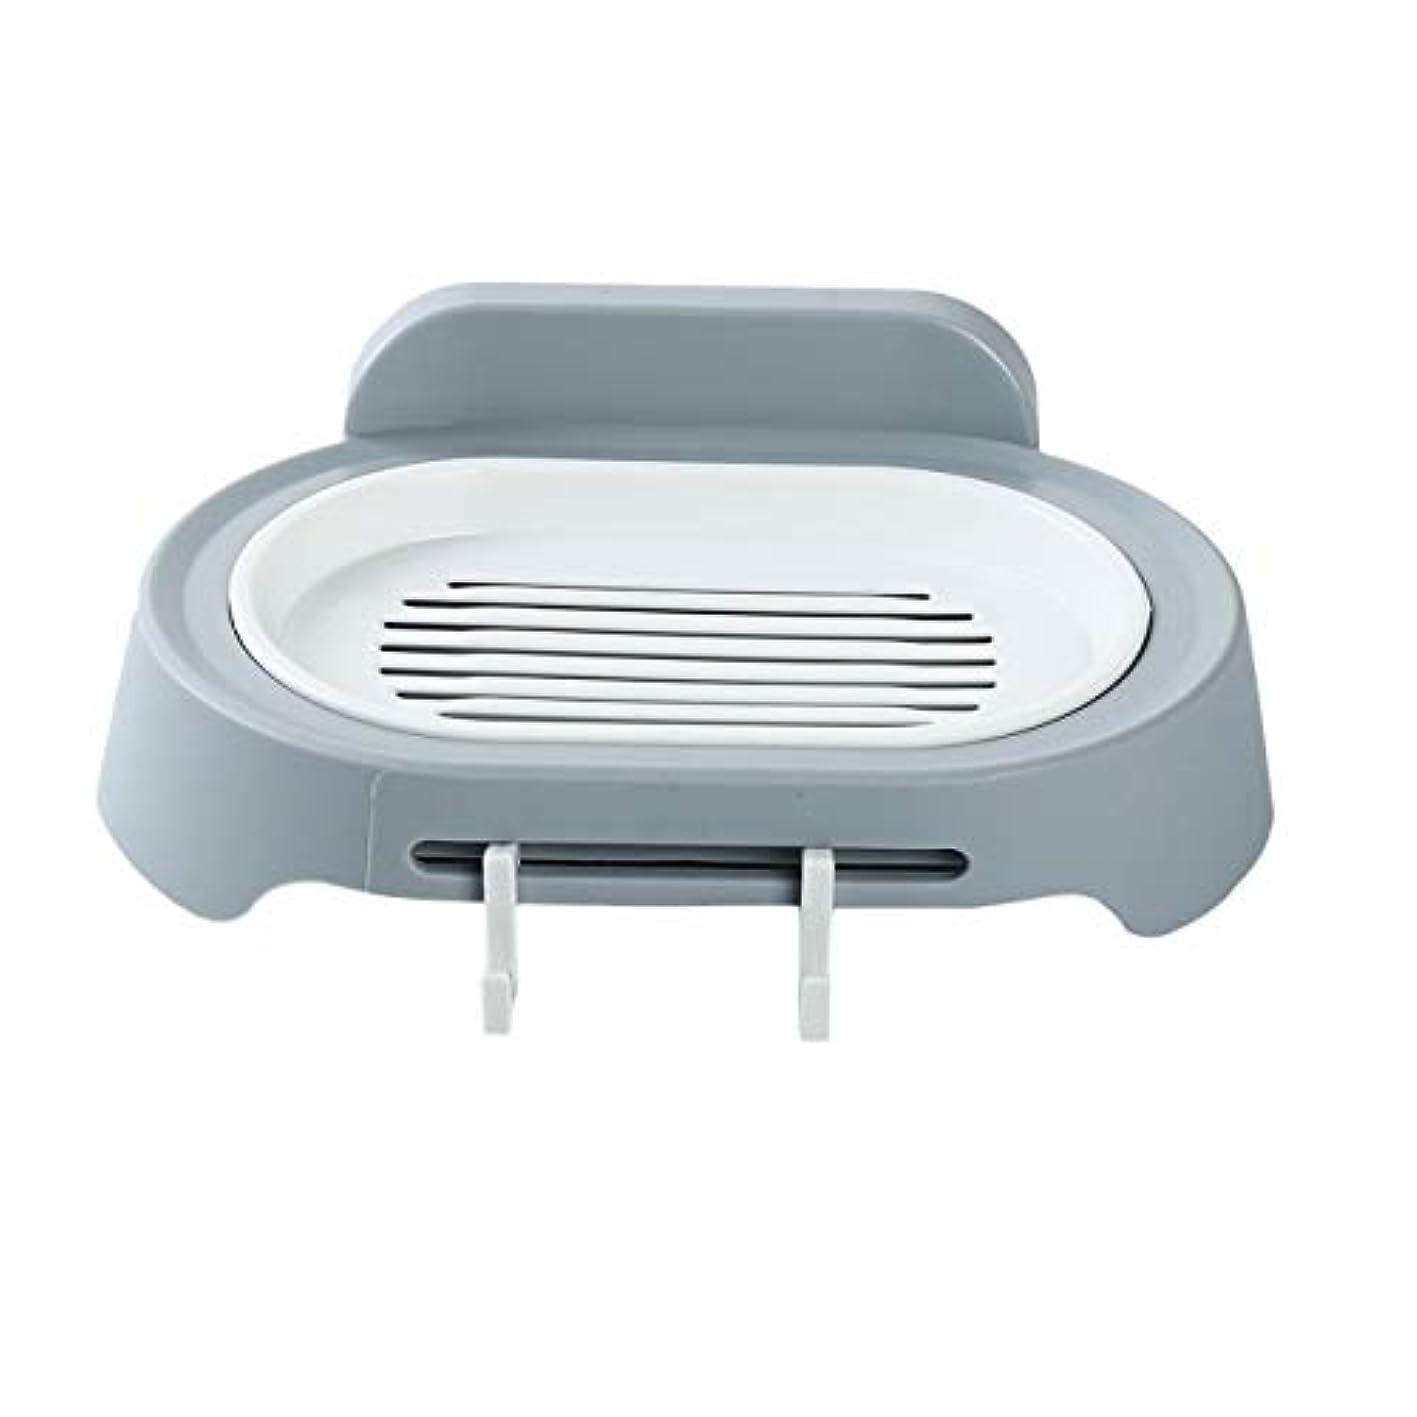 資産アーク発表するZALING 灰色のホックが付いているの浴室の石鹸の貯蔵の吸引の壁に取り付けられた石鹸のオルガナイザー